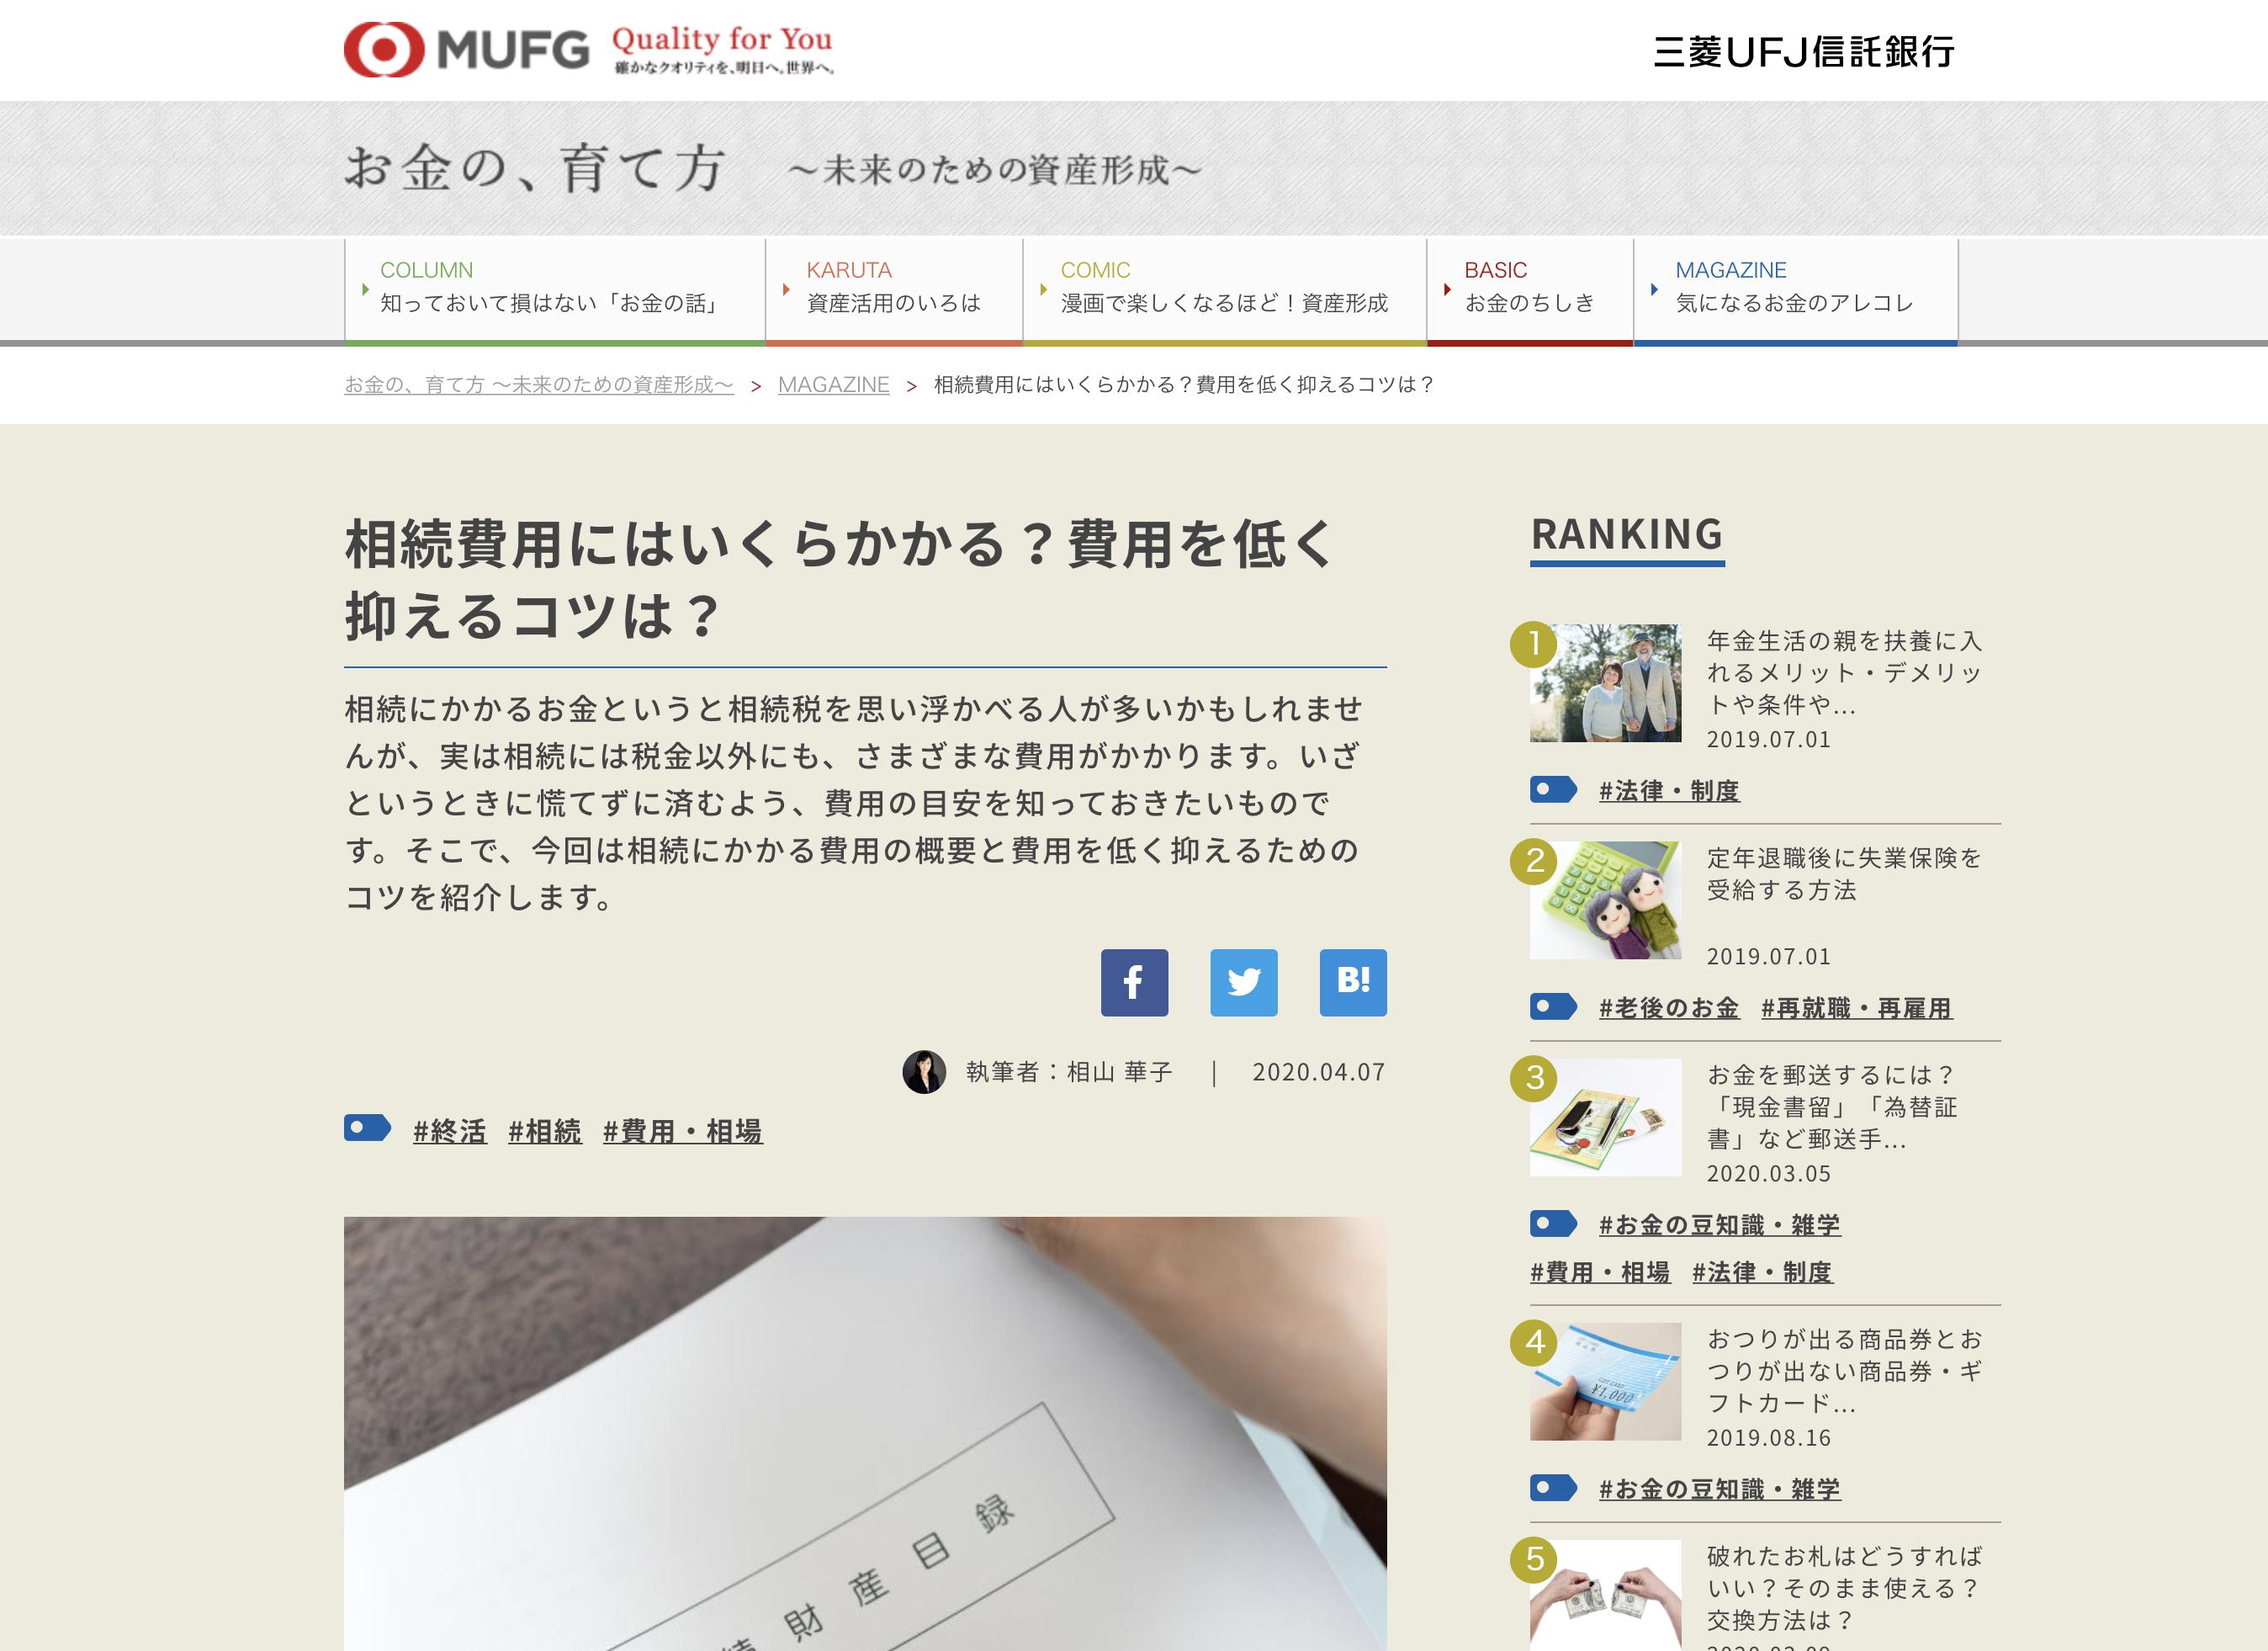 三菱UFJ銀行様 「お金の、育て方」 FPによる金融コラム(定期執筆)